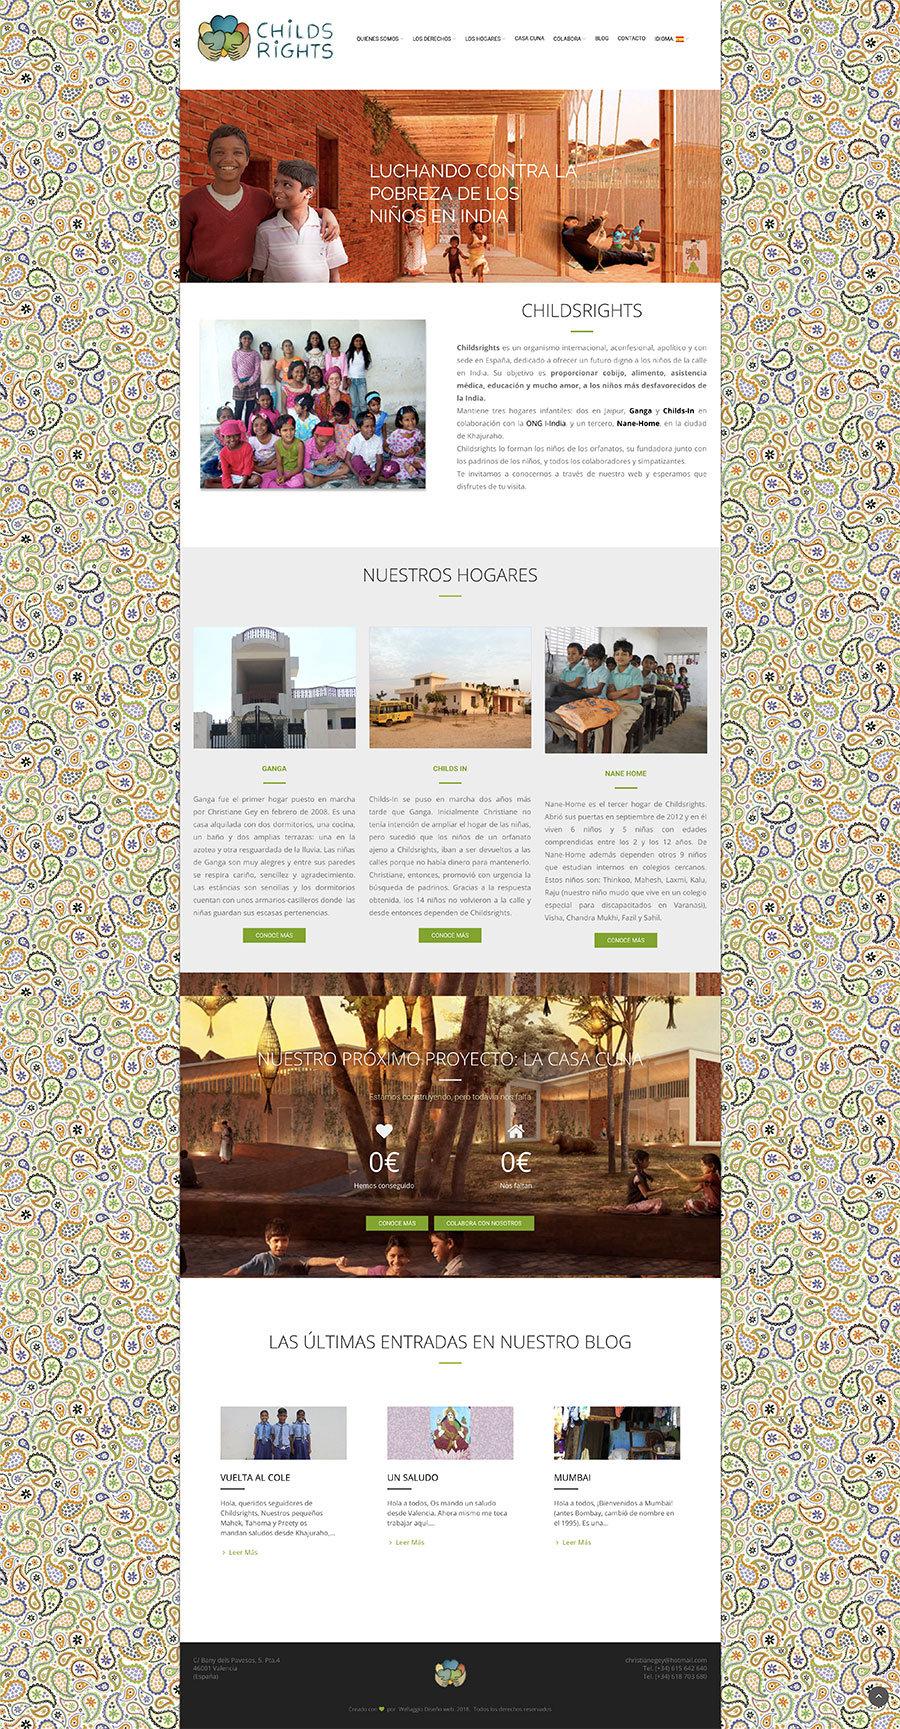 Wellaggio-diseño-web-valencia-childsrights-es-2018-08-16-16_41_33